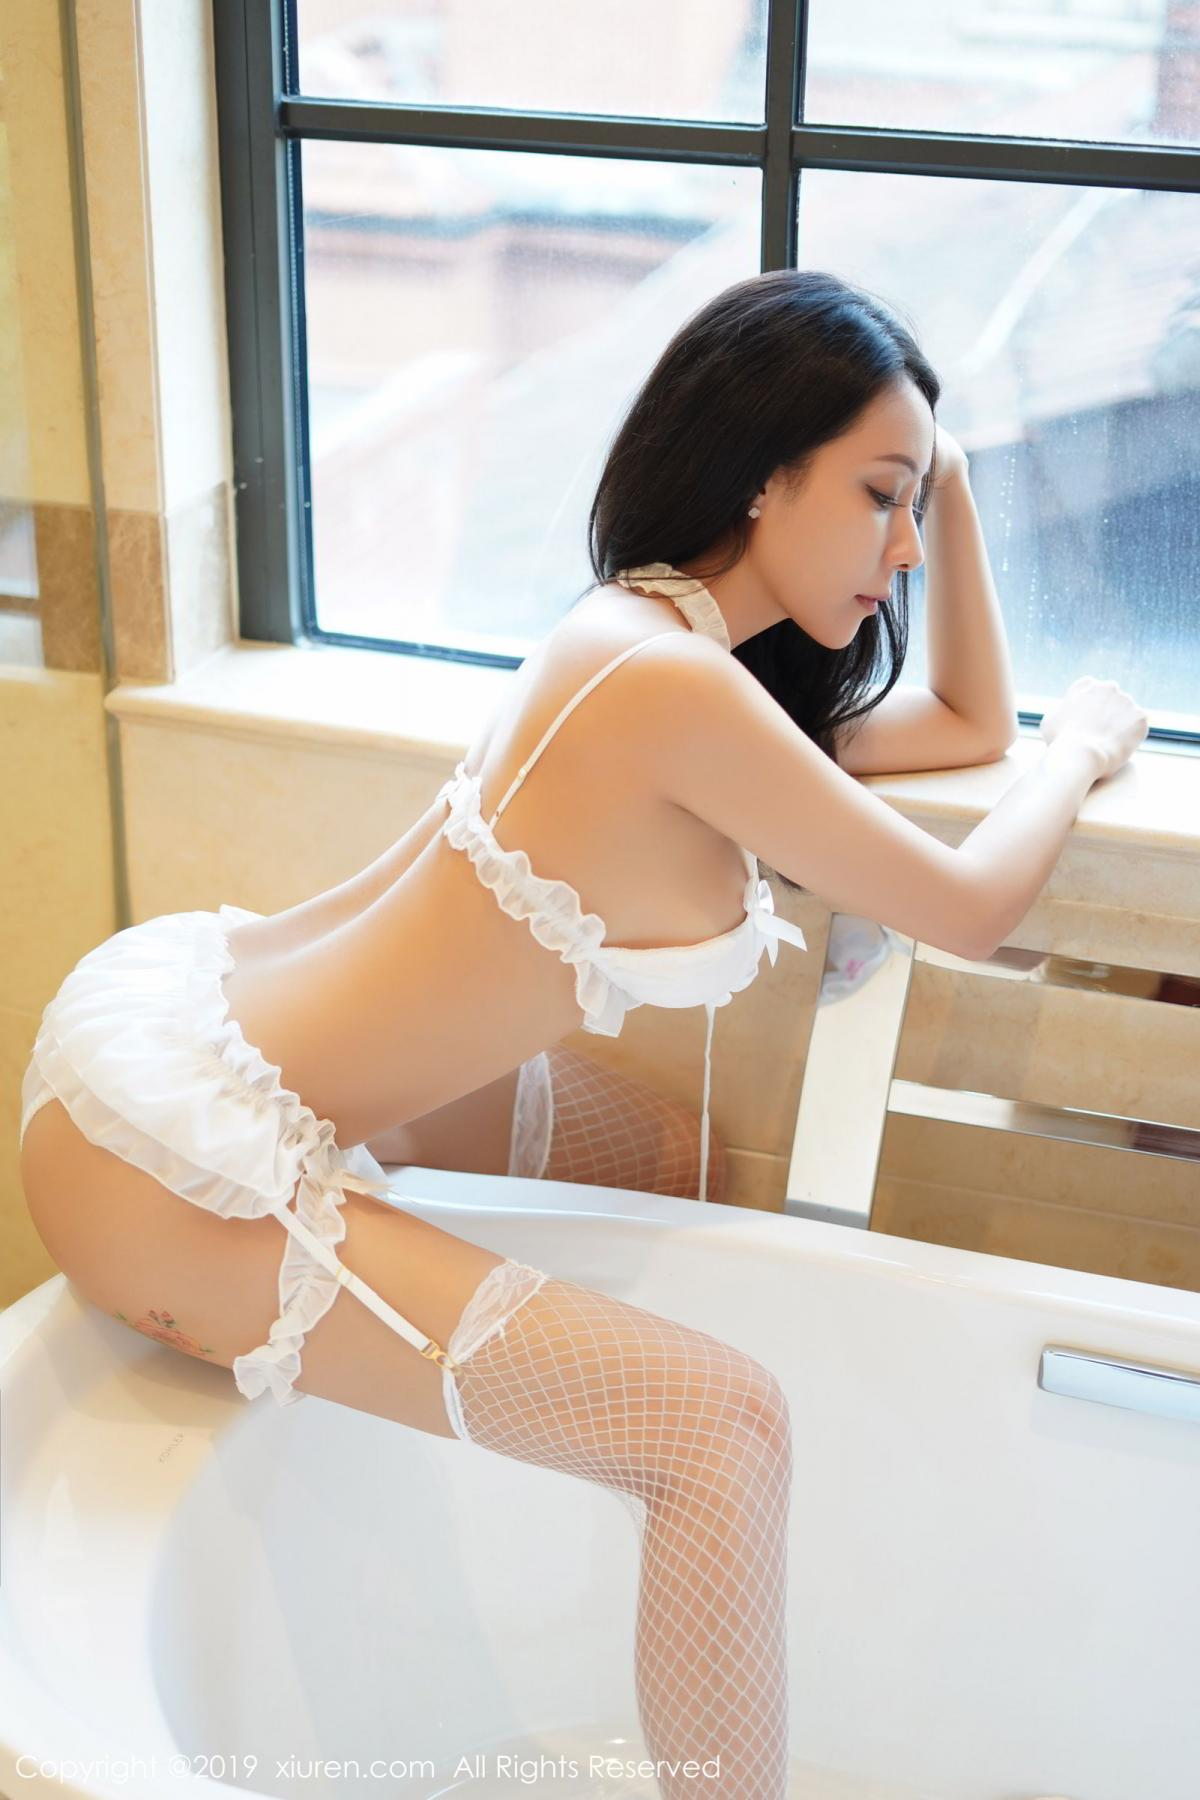 [XiuRen] Vol.1786 Song Guo Er 37P, Bathroom, Mature, Song Guo Er, Underwear, Xiuren